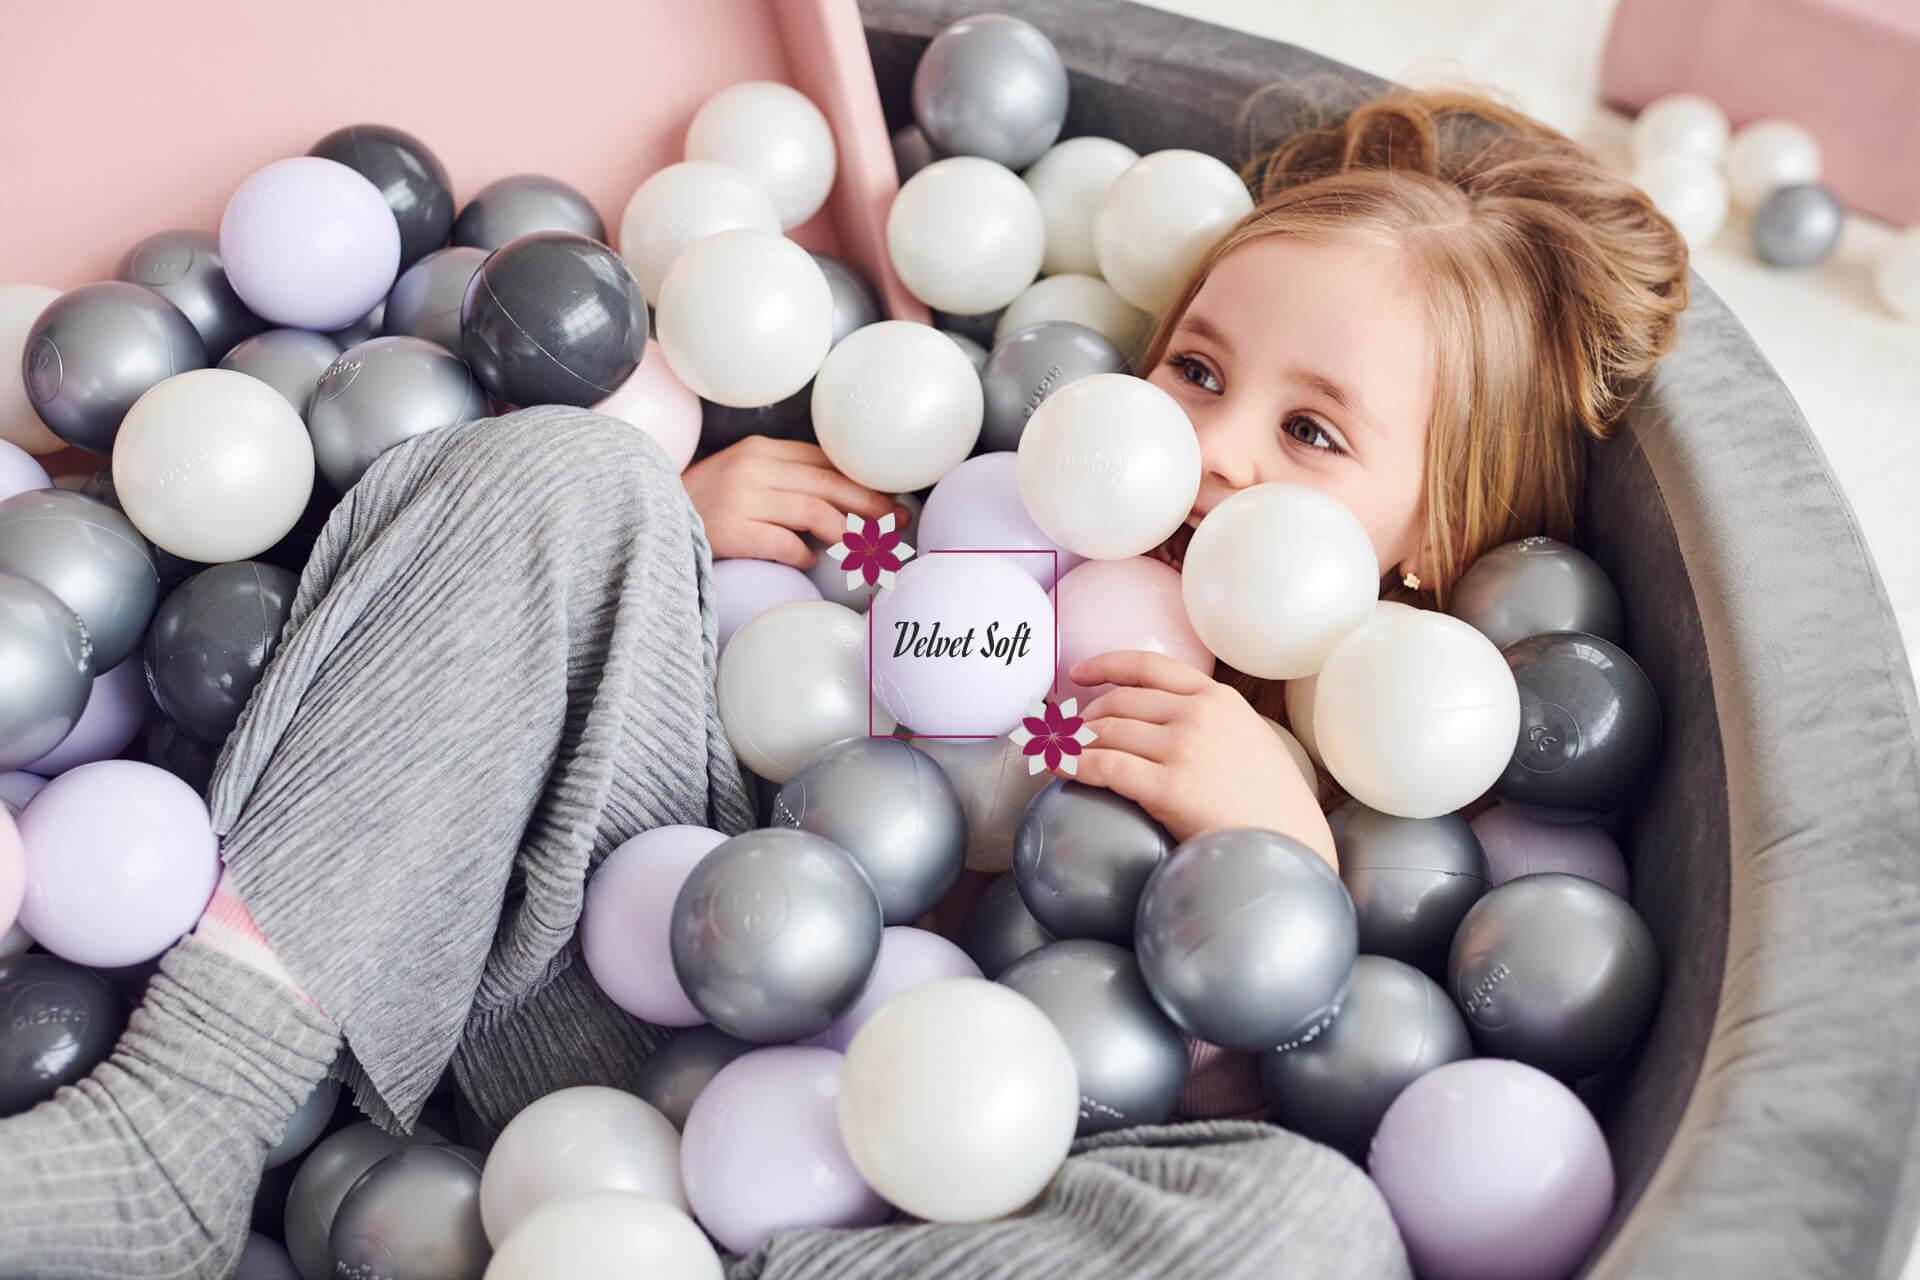 Ball Pool Velvet Soft – White Marble, Round